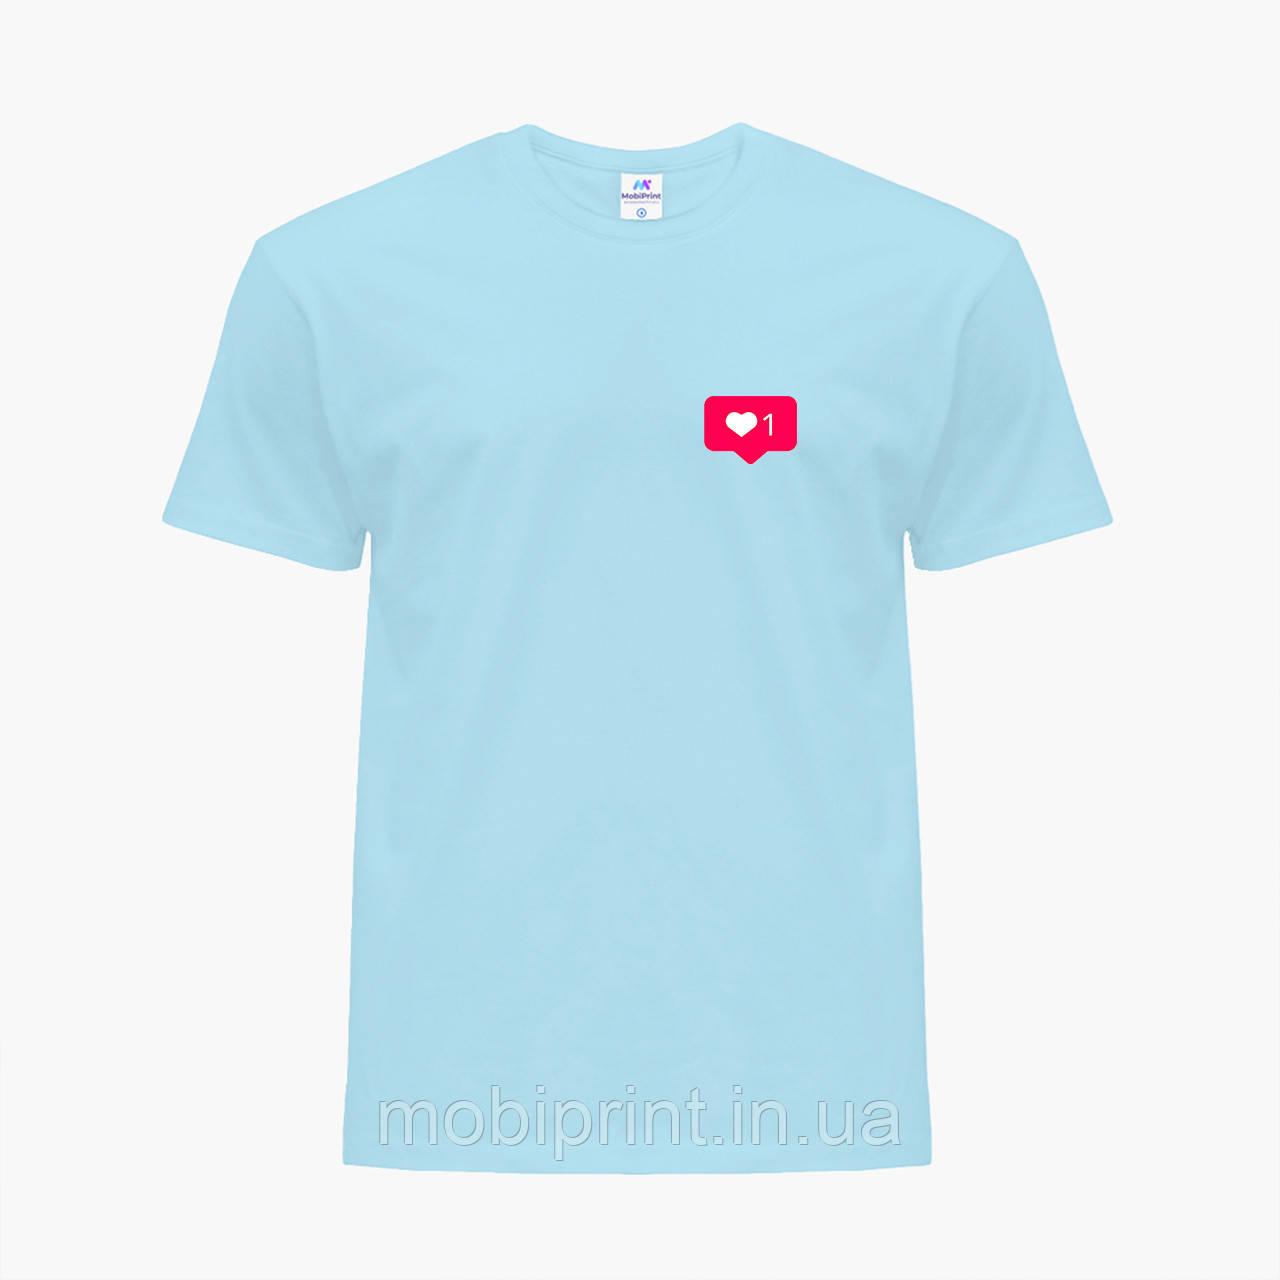 Детская футболка для девочек Лайк (Likee) (25186-1034) Голубой